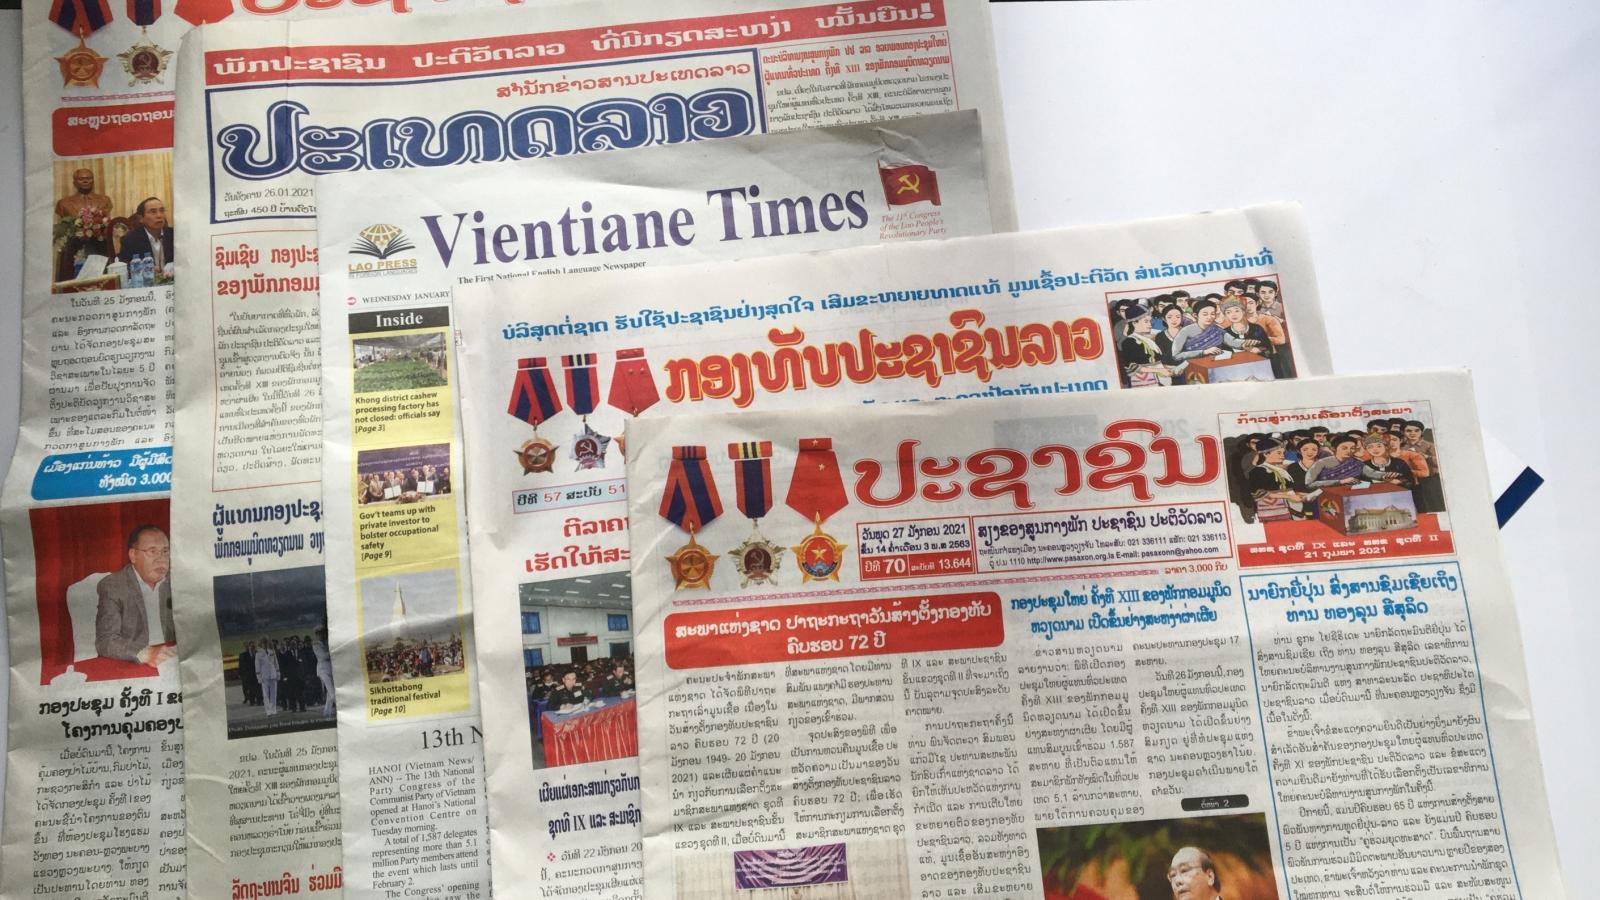 Truyền thông Lào đồng loạt đưa tinvề Đại hội lần thứ XIII Đảng Cộng sản Việt Nam